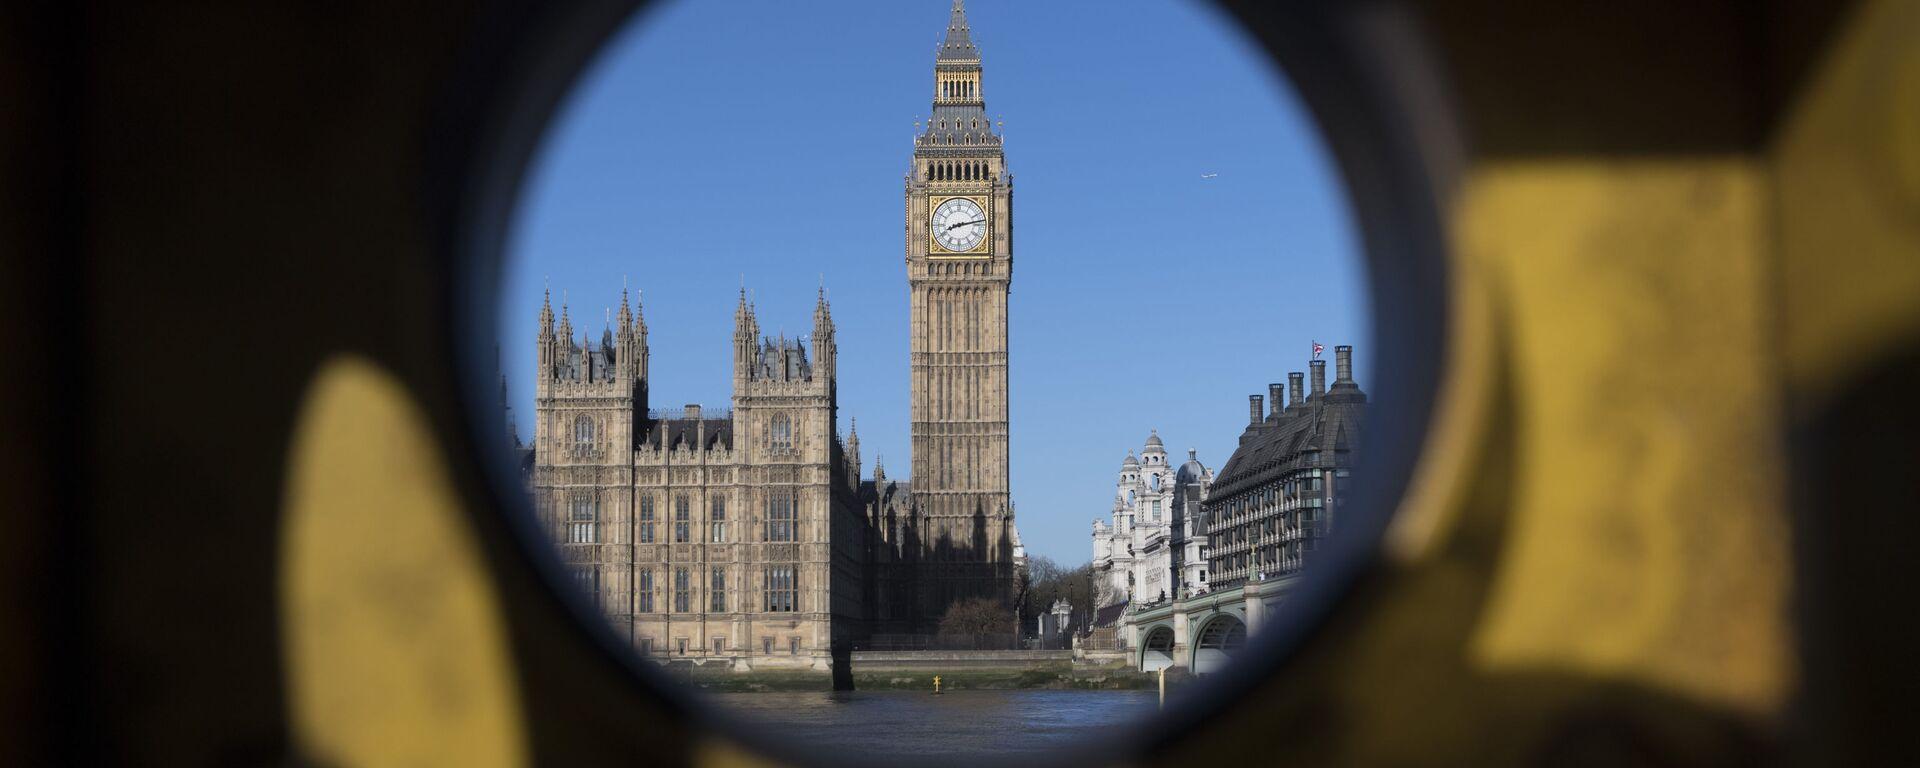 Quang cảnh từ bờ đối diện của sông Thames đến Cung điện Westminster ở London - Sputnik Việt Nam, 1920, 03.10.2021